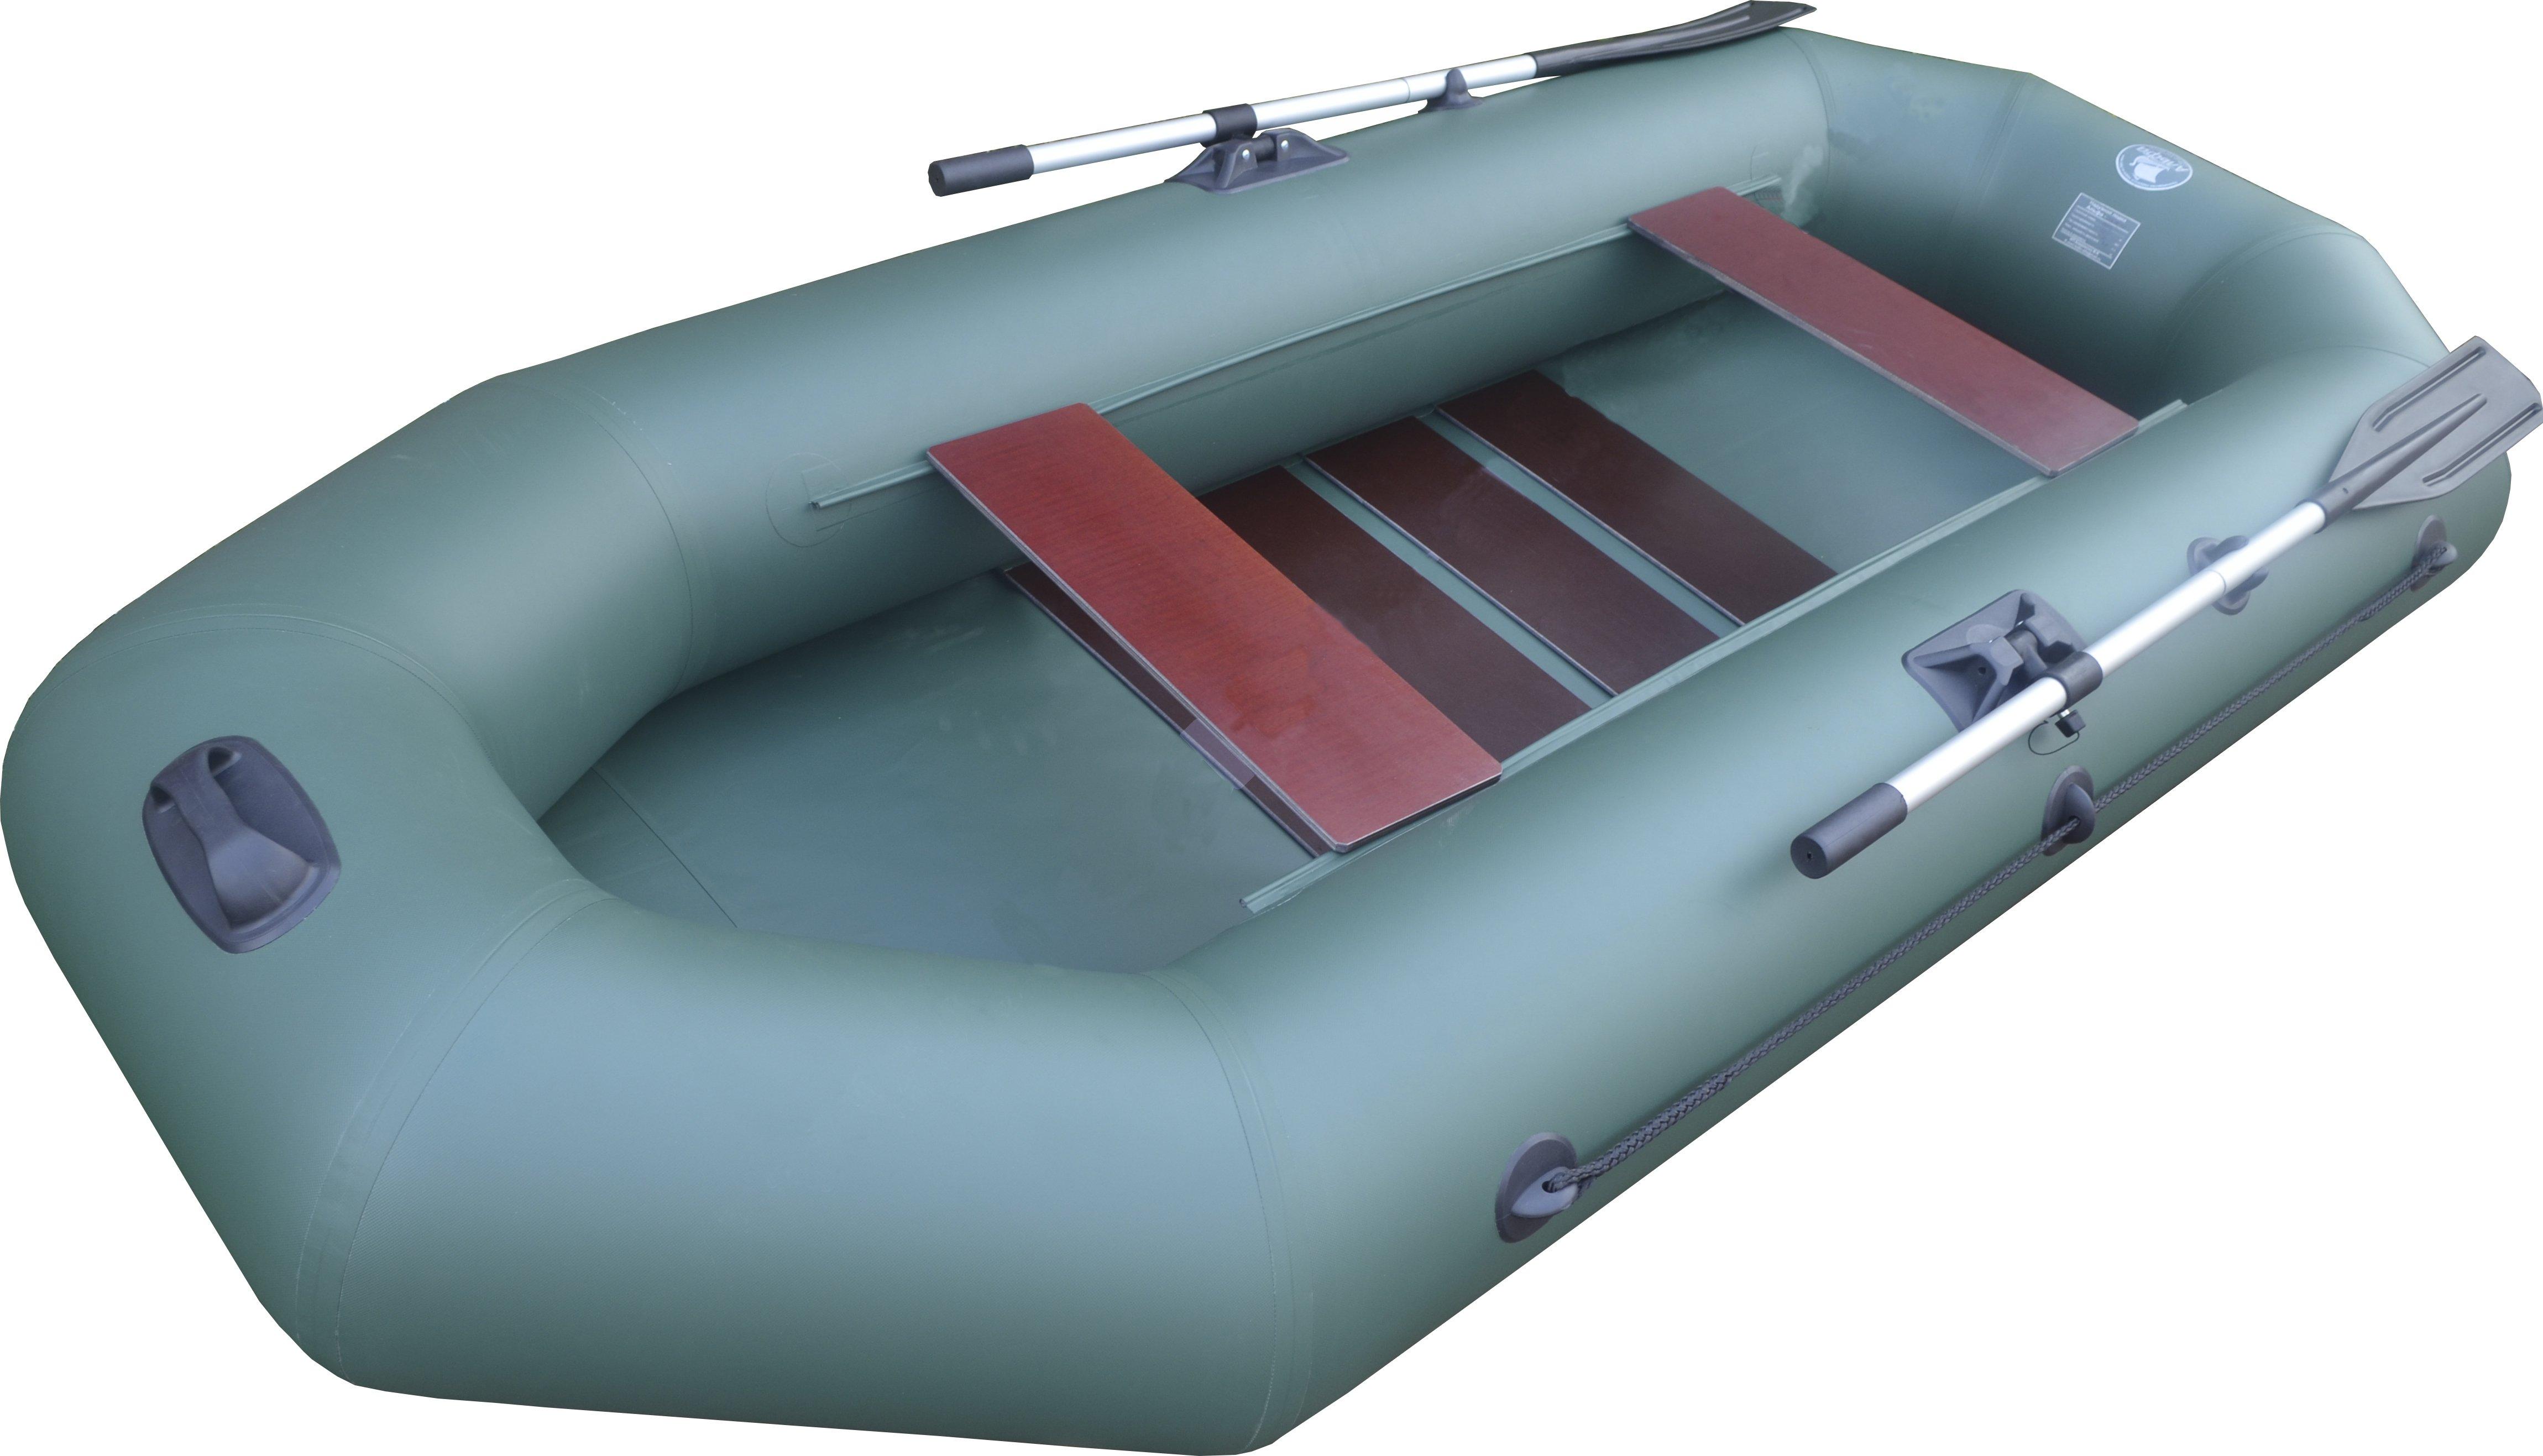 куплю одна двухместную лодку в кемерово